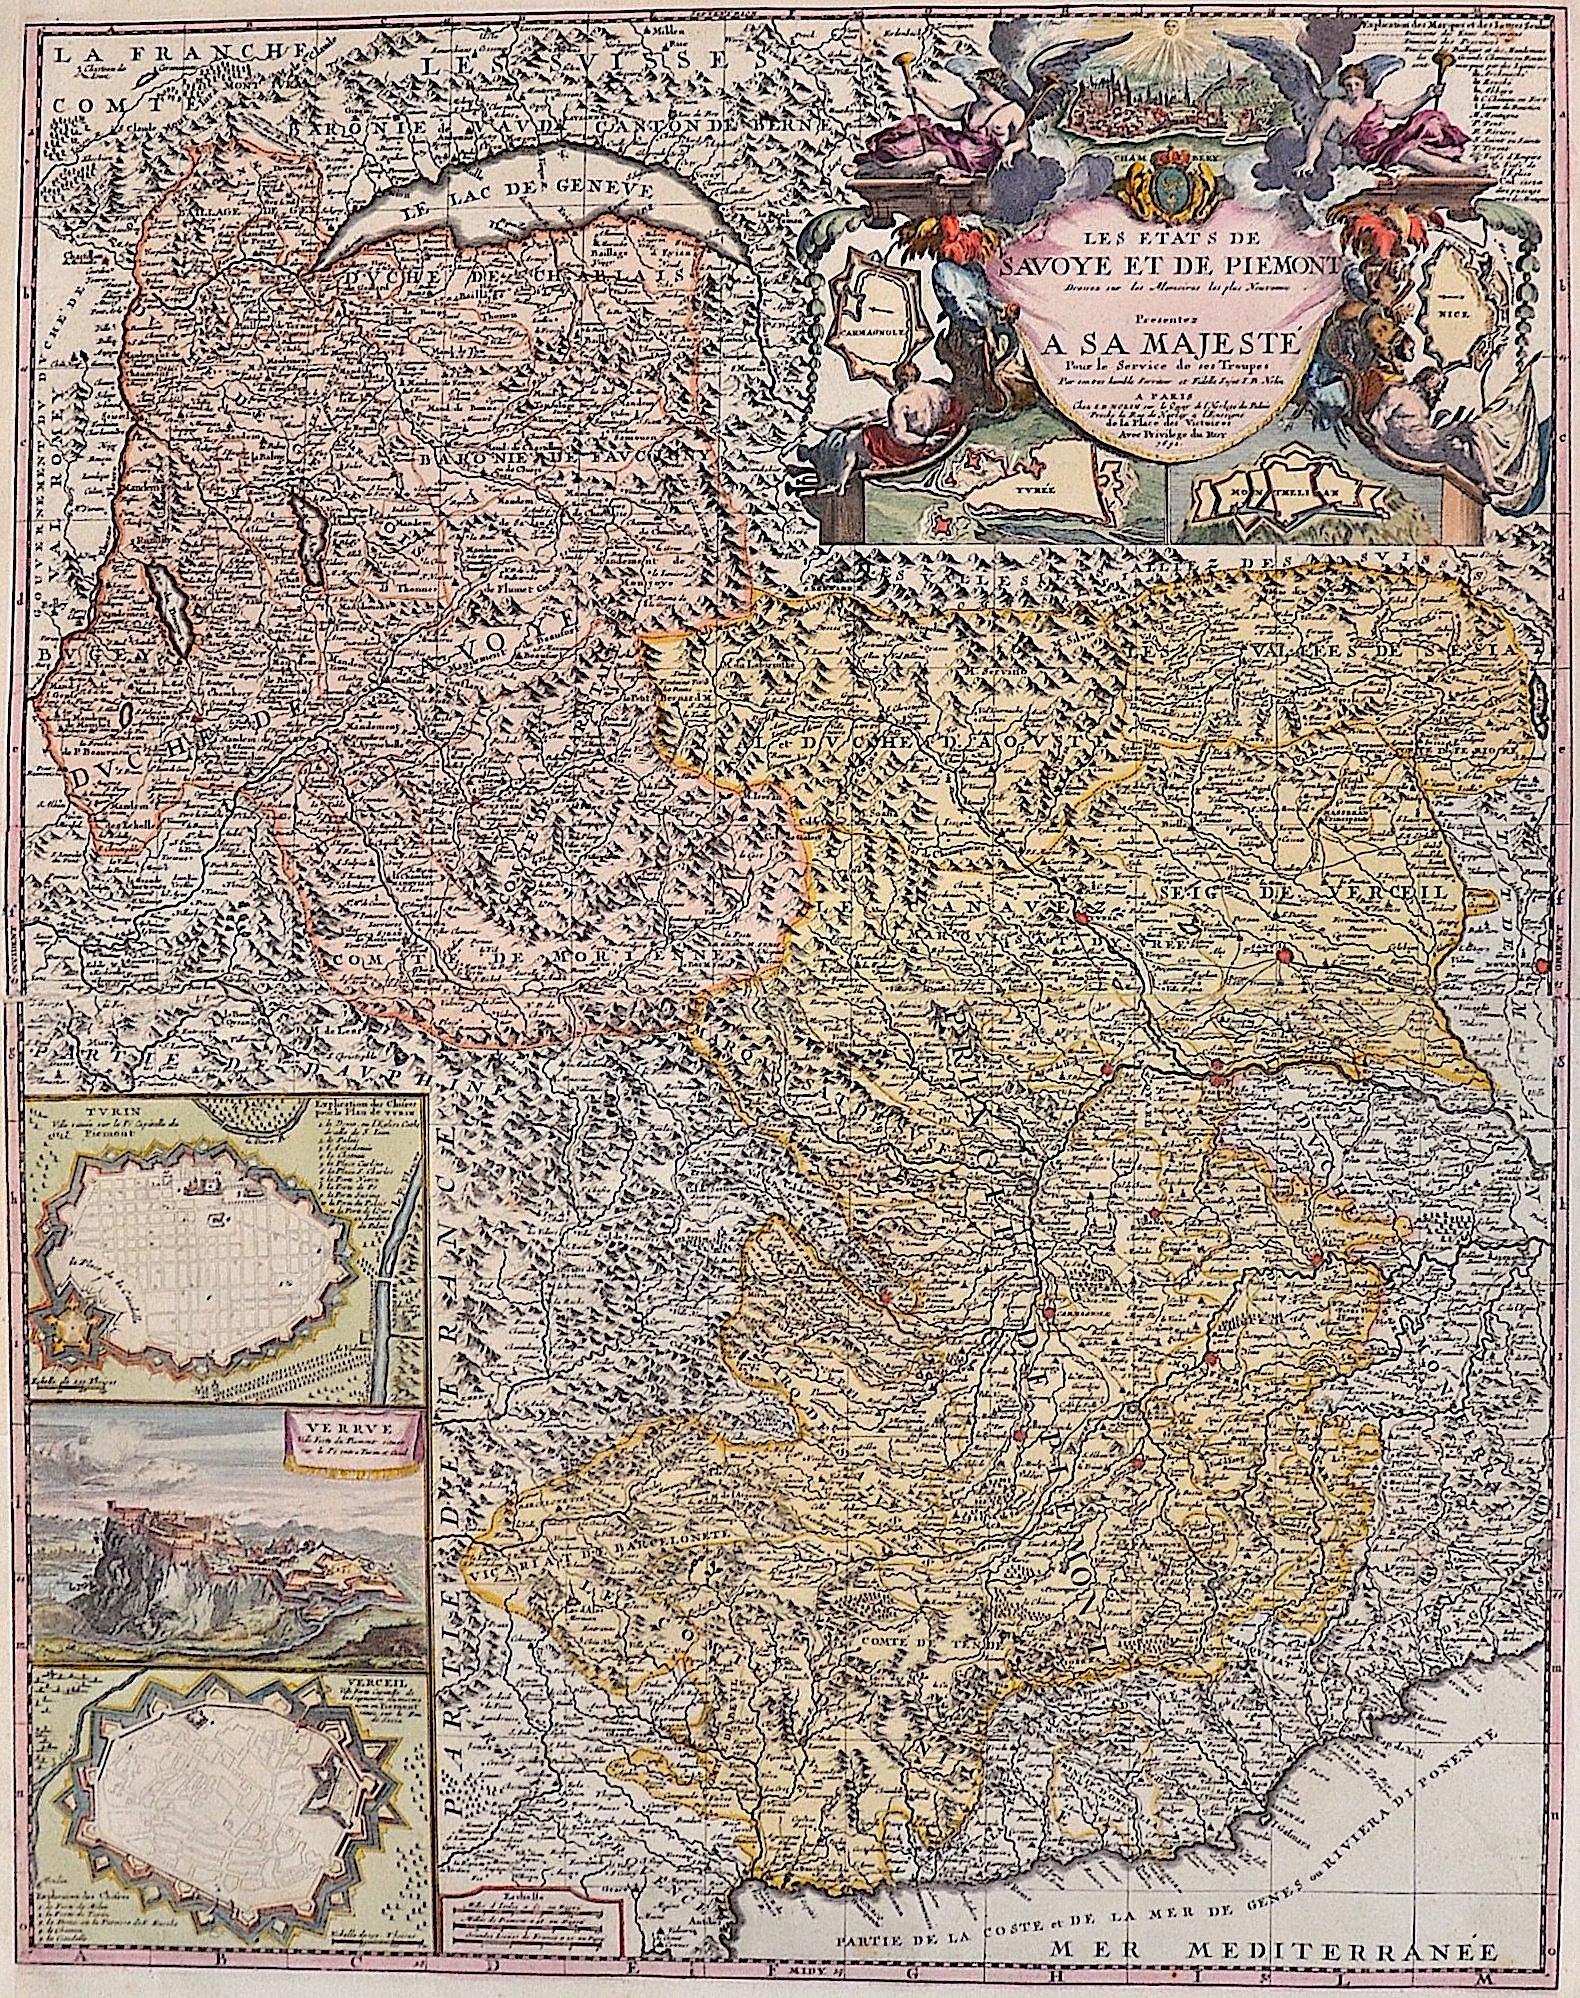 Nolin Jean Baptiste Les Etats de Savoye et de Piemont